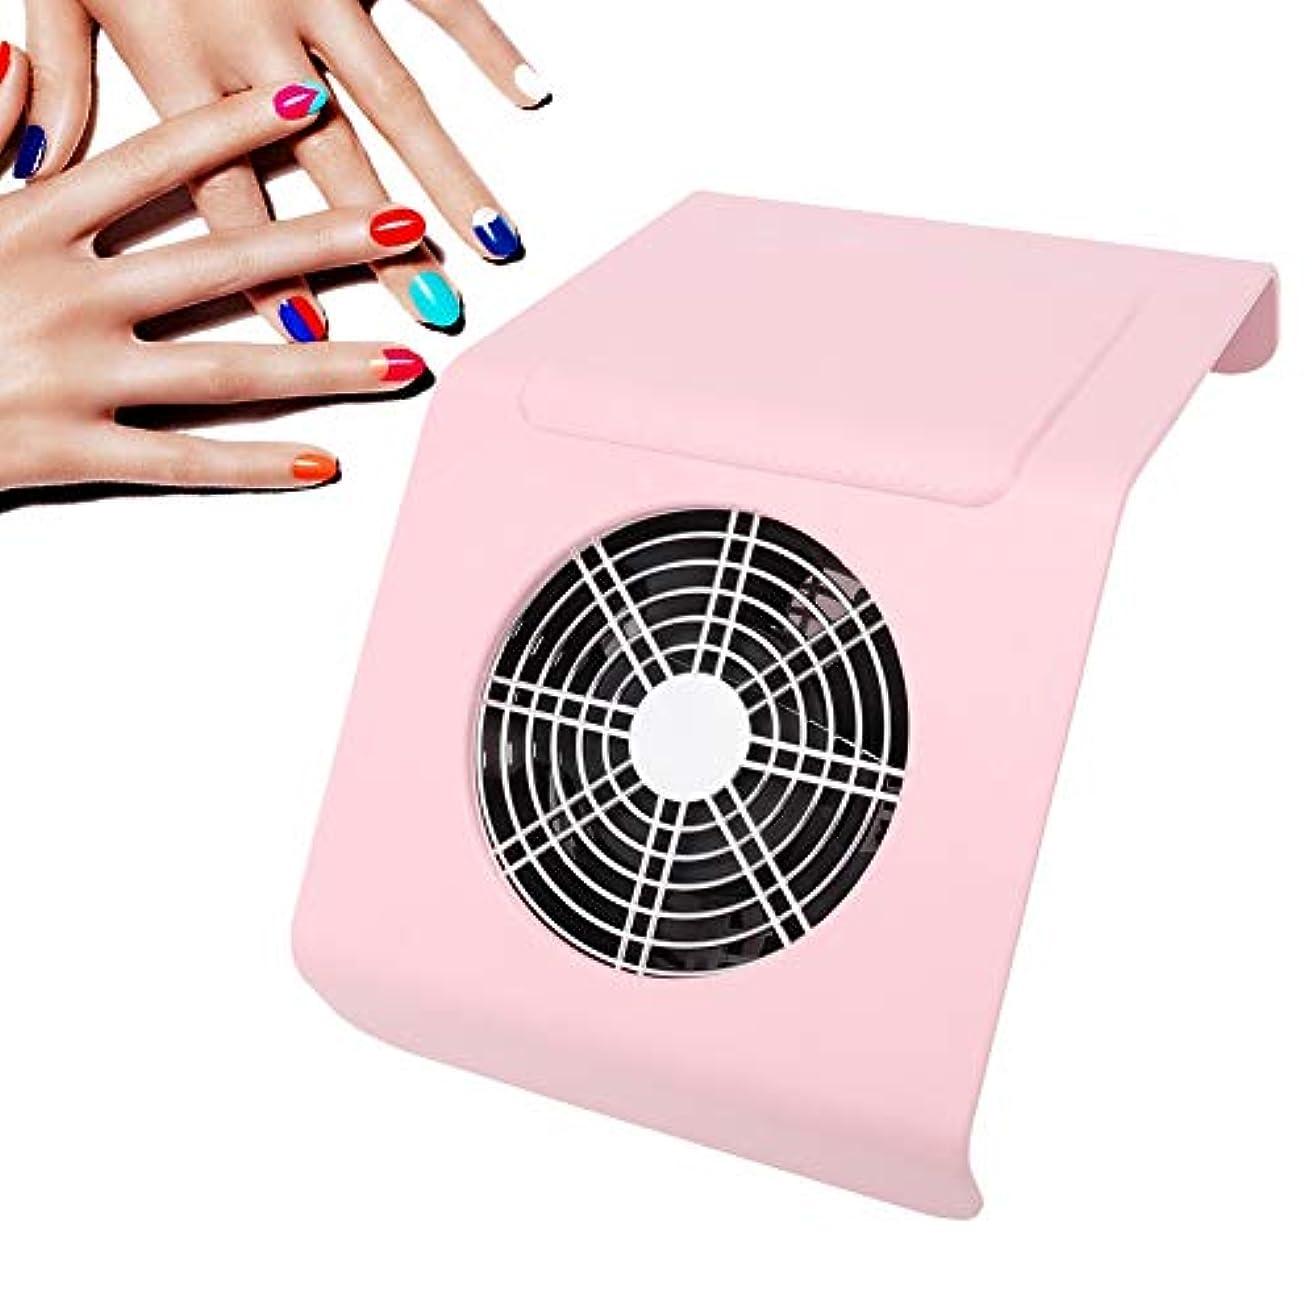 道徳ハイランドとげ40Wネイル集塵機、フィルター付きプロフェッショナル強力吸引真空マニキュアクリーナーネイルアートペディキュアツール(US-ピンク)